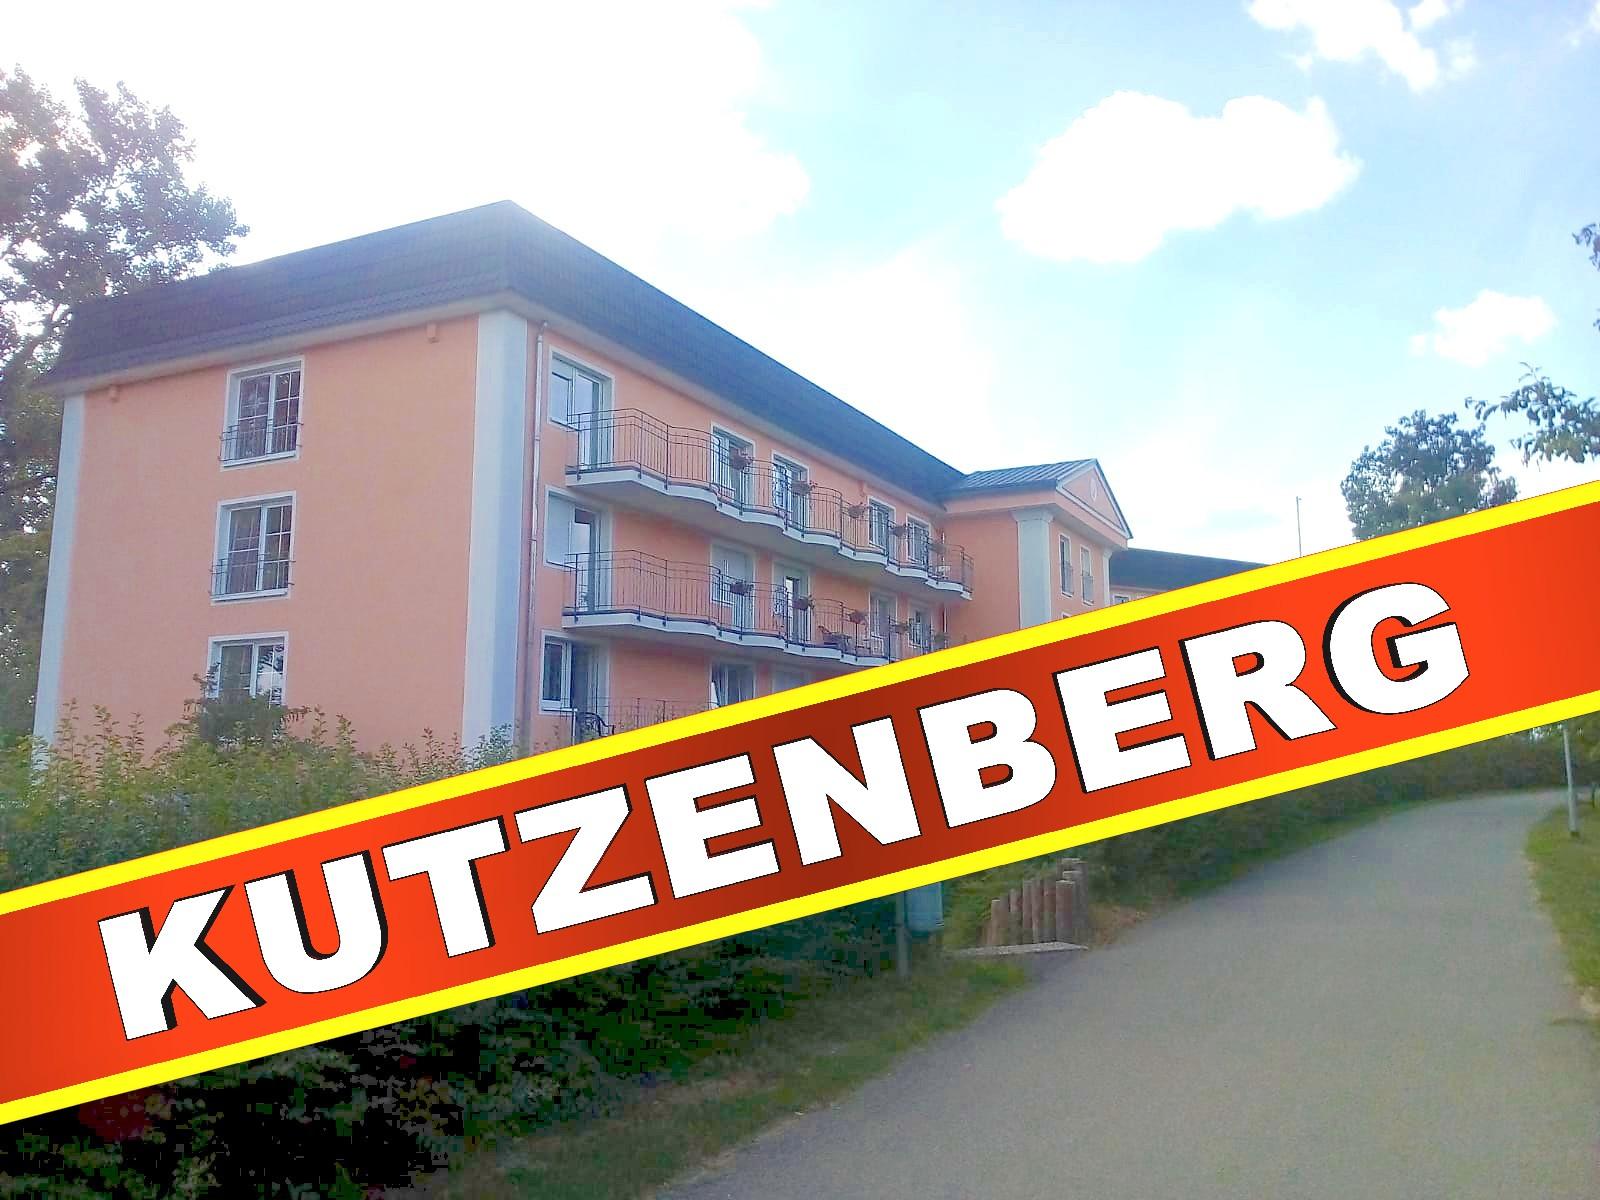 Kutzenberg Haus 3